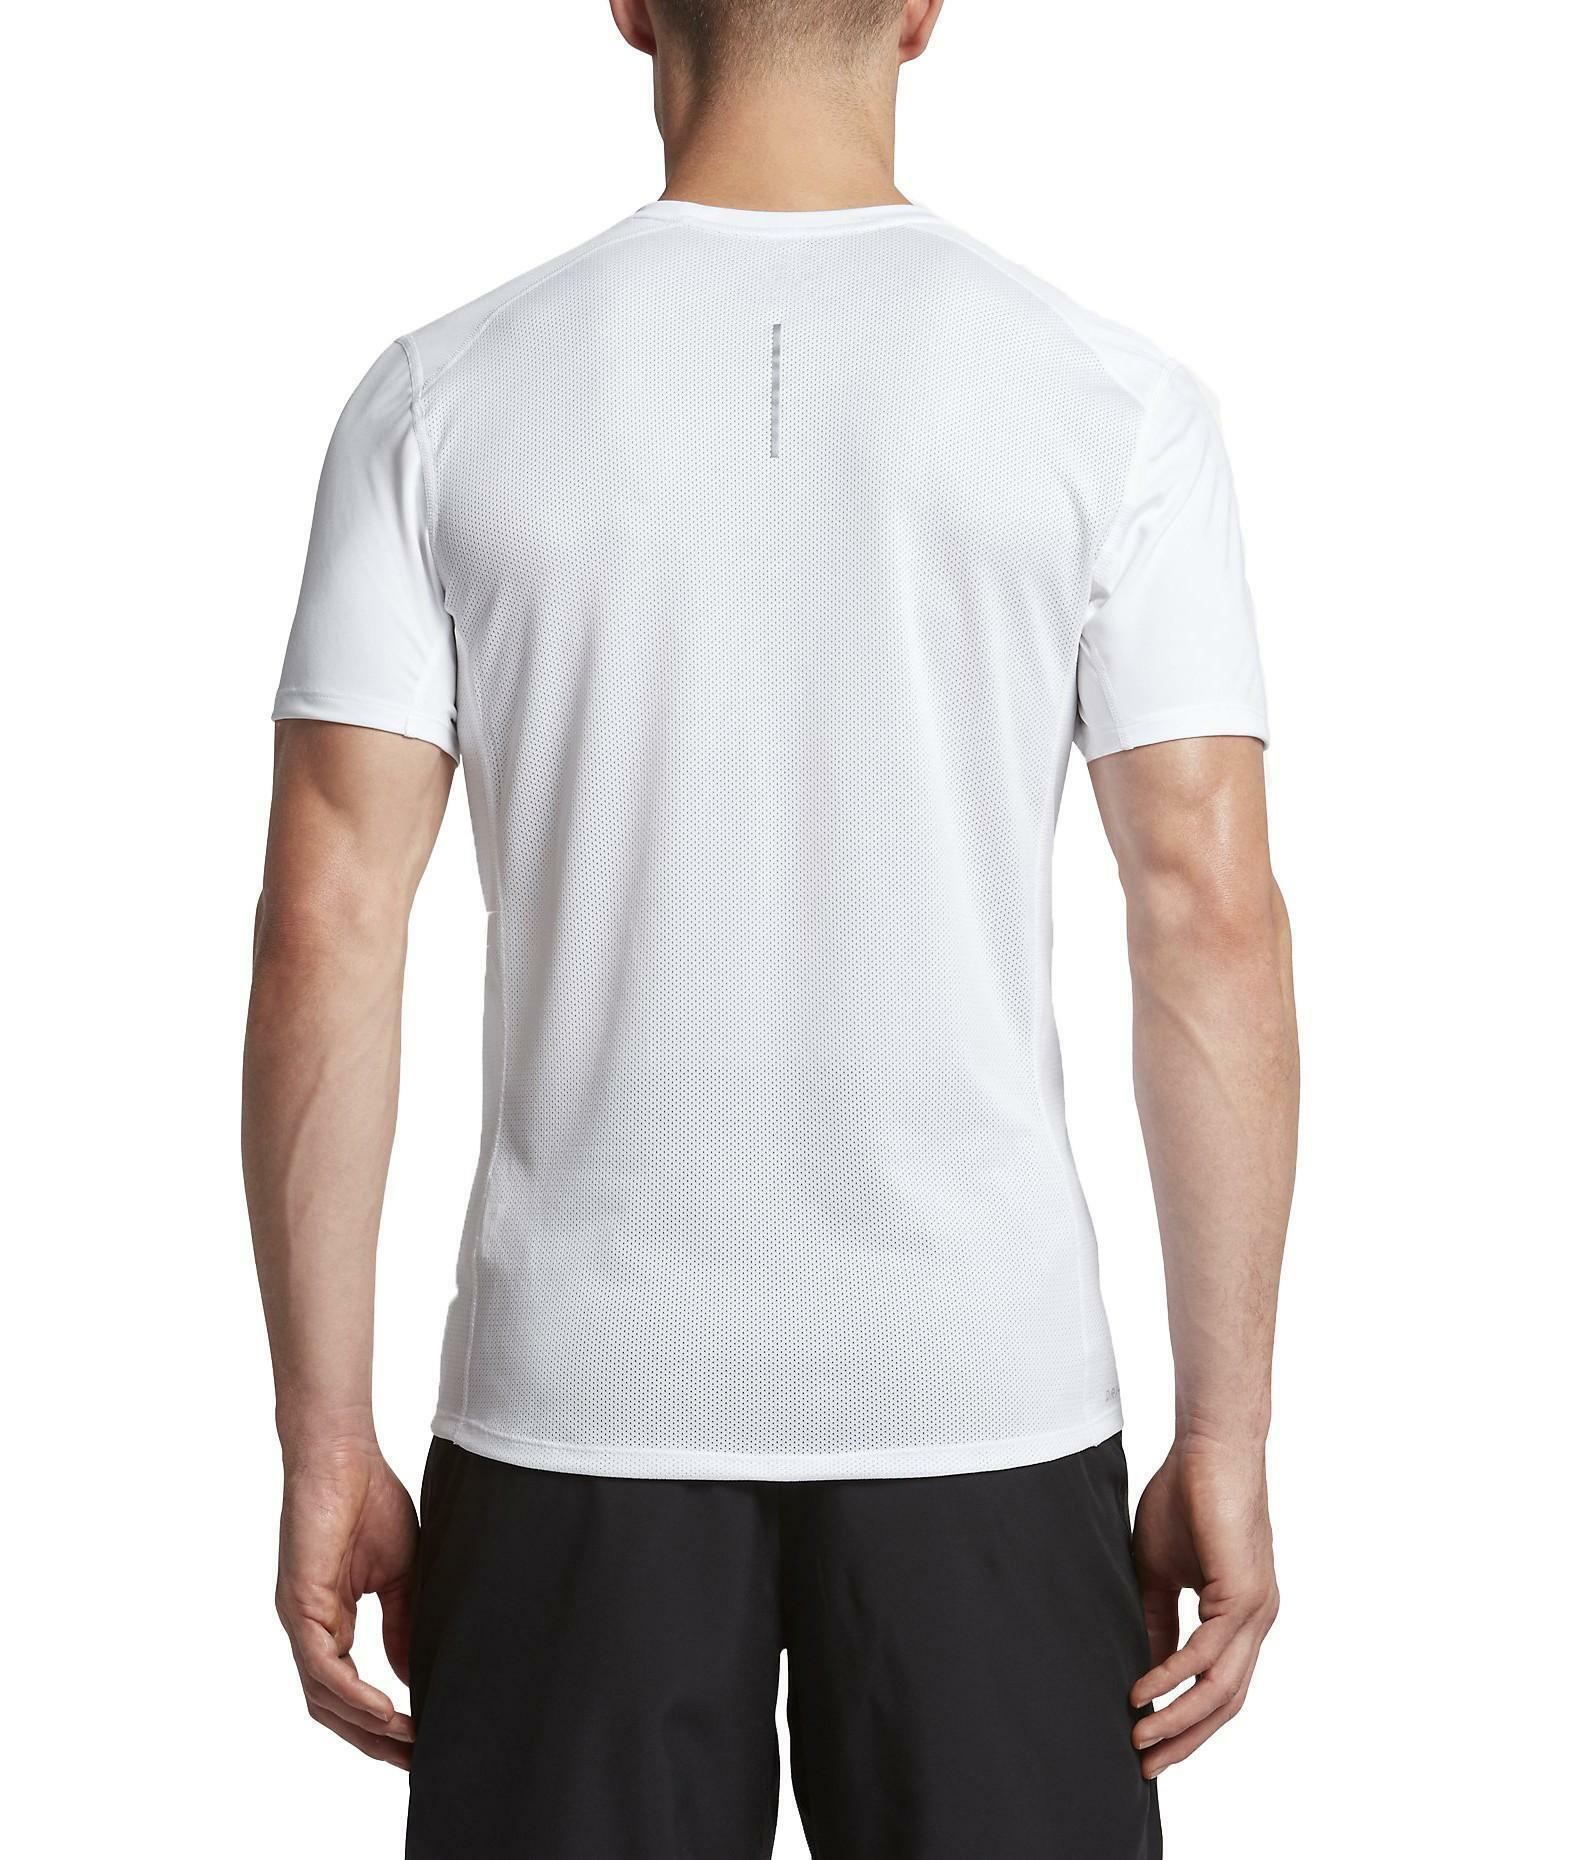 nike nike dry miler t-shirt uomo bianca